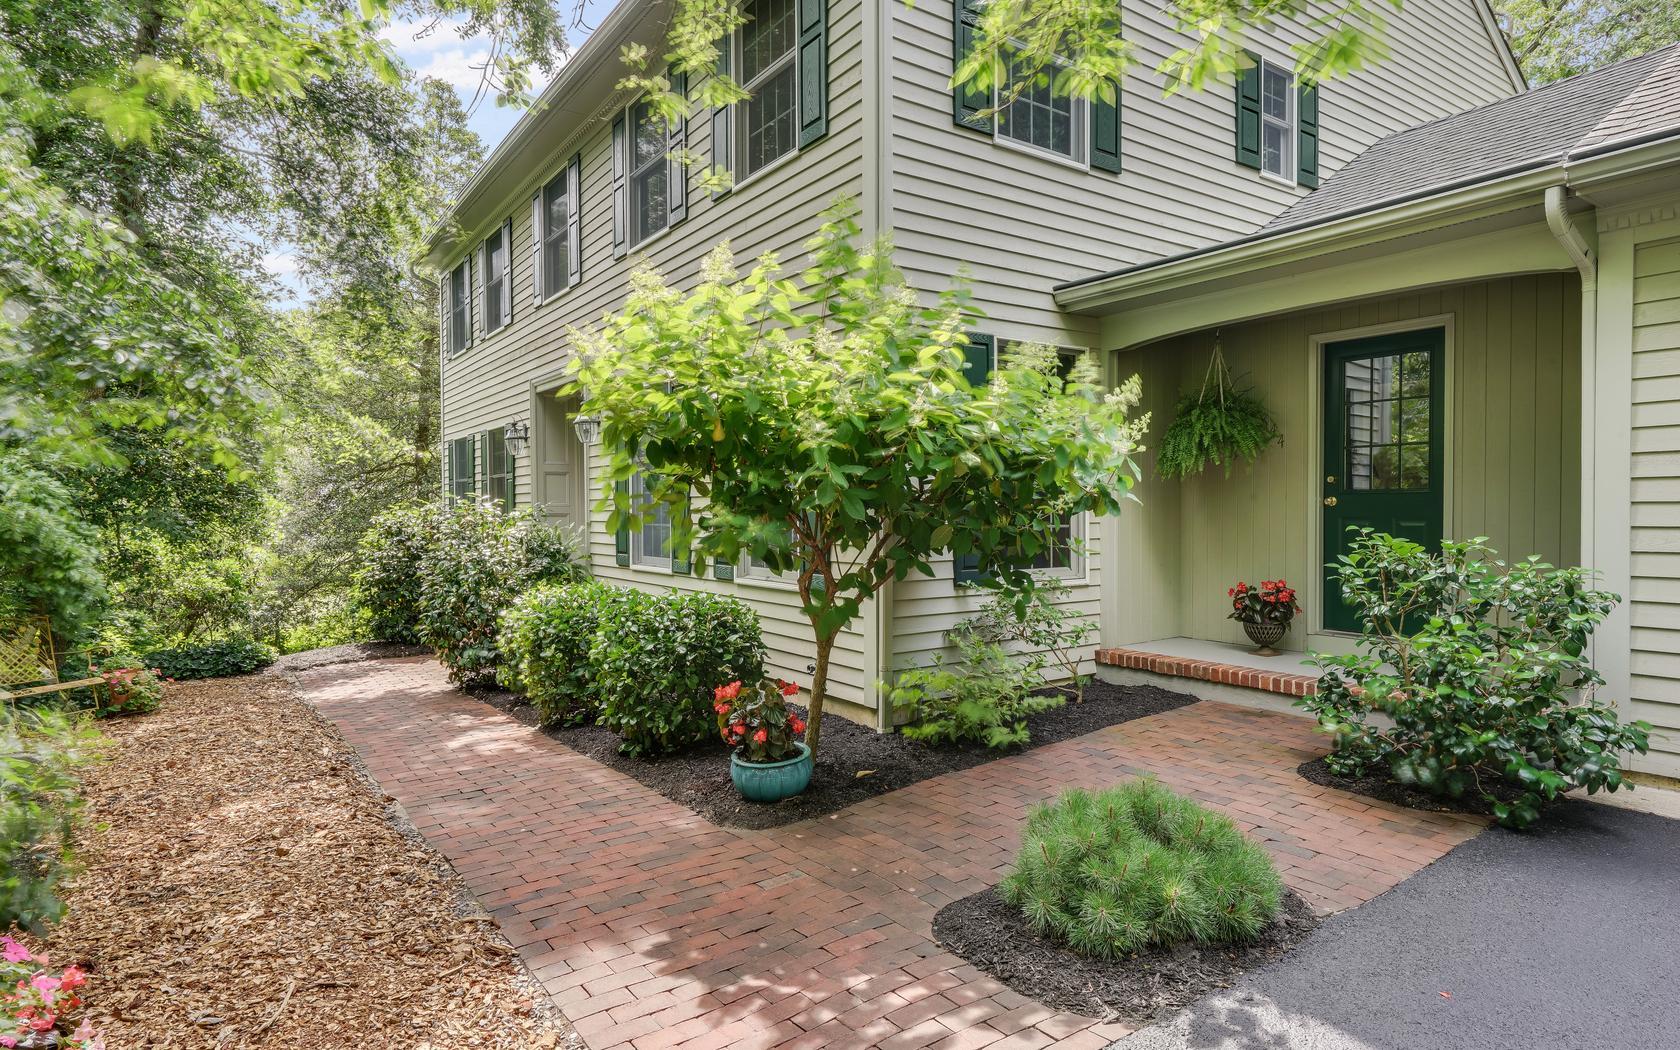 Частный односемейный дом для того Продажа на Quiet and Tranquil Setting! 844 William Drive Brielle, Нью-Джерси, 08730 Соединенные Штаты